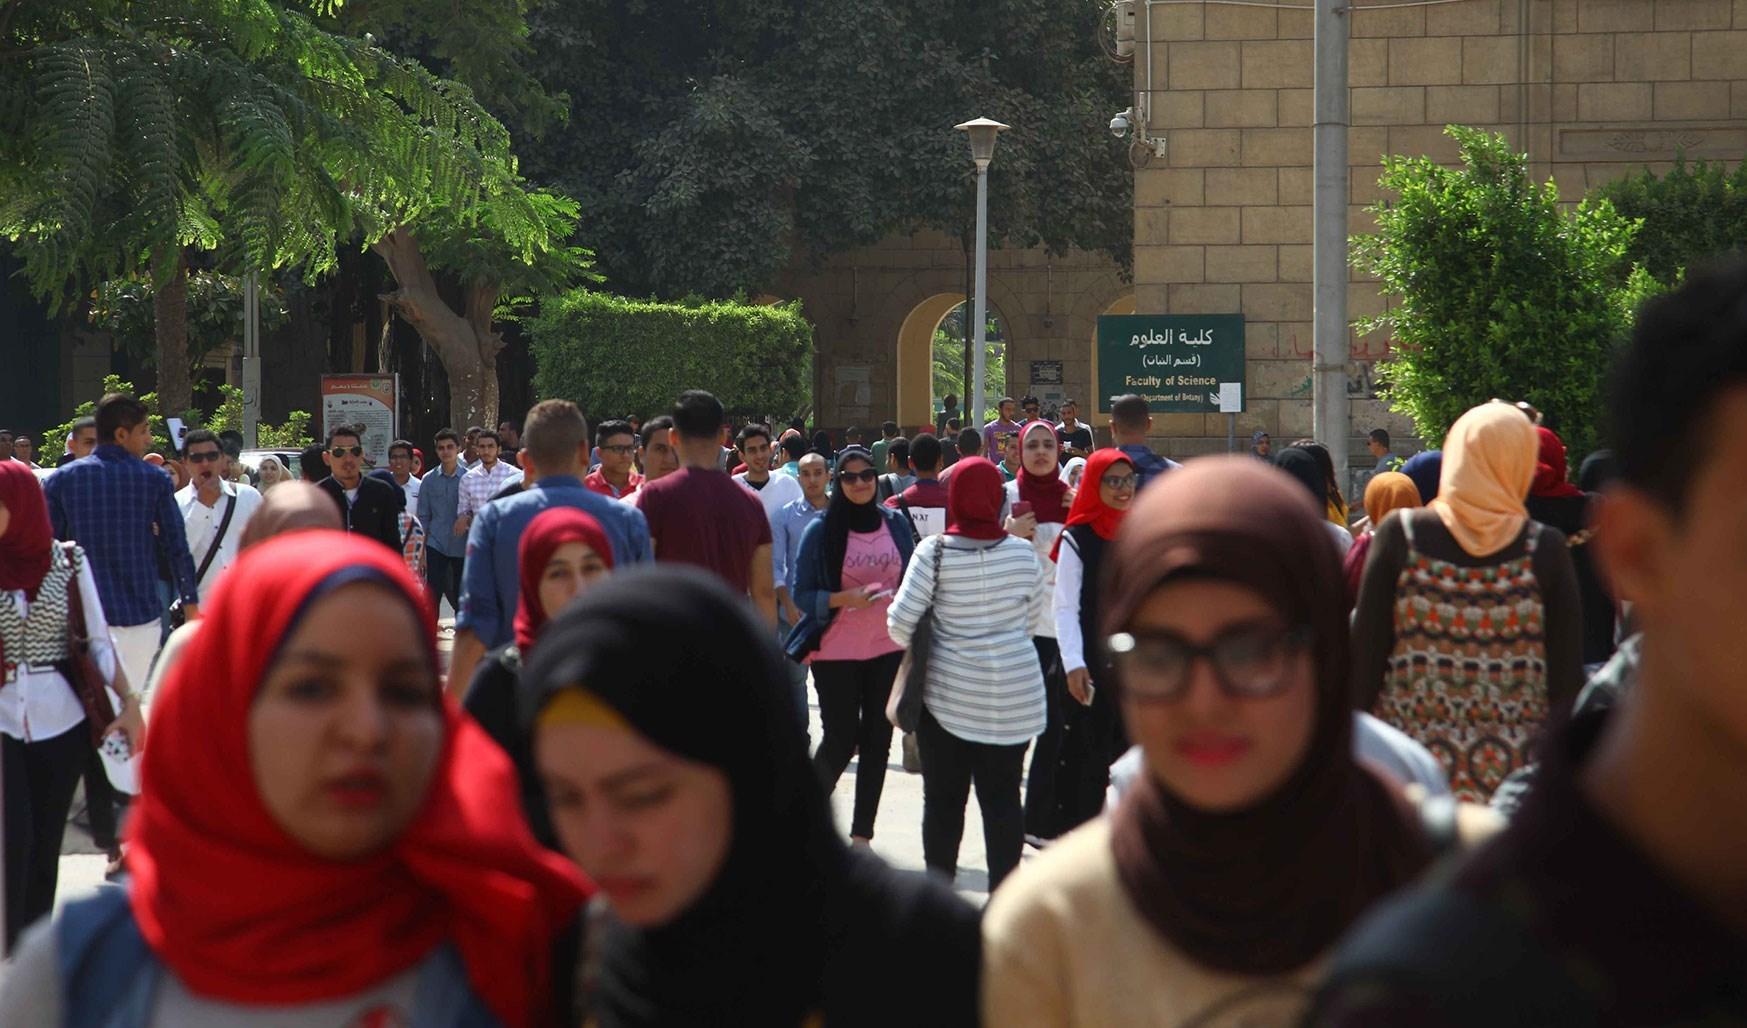 تجنباً لمخاطر كورونا.. مصريون يطالبون بتجنب الامتحانات حضورياً